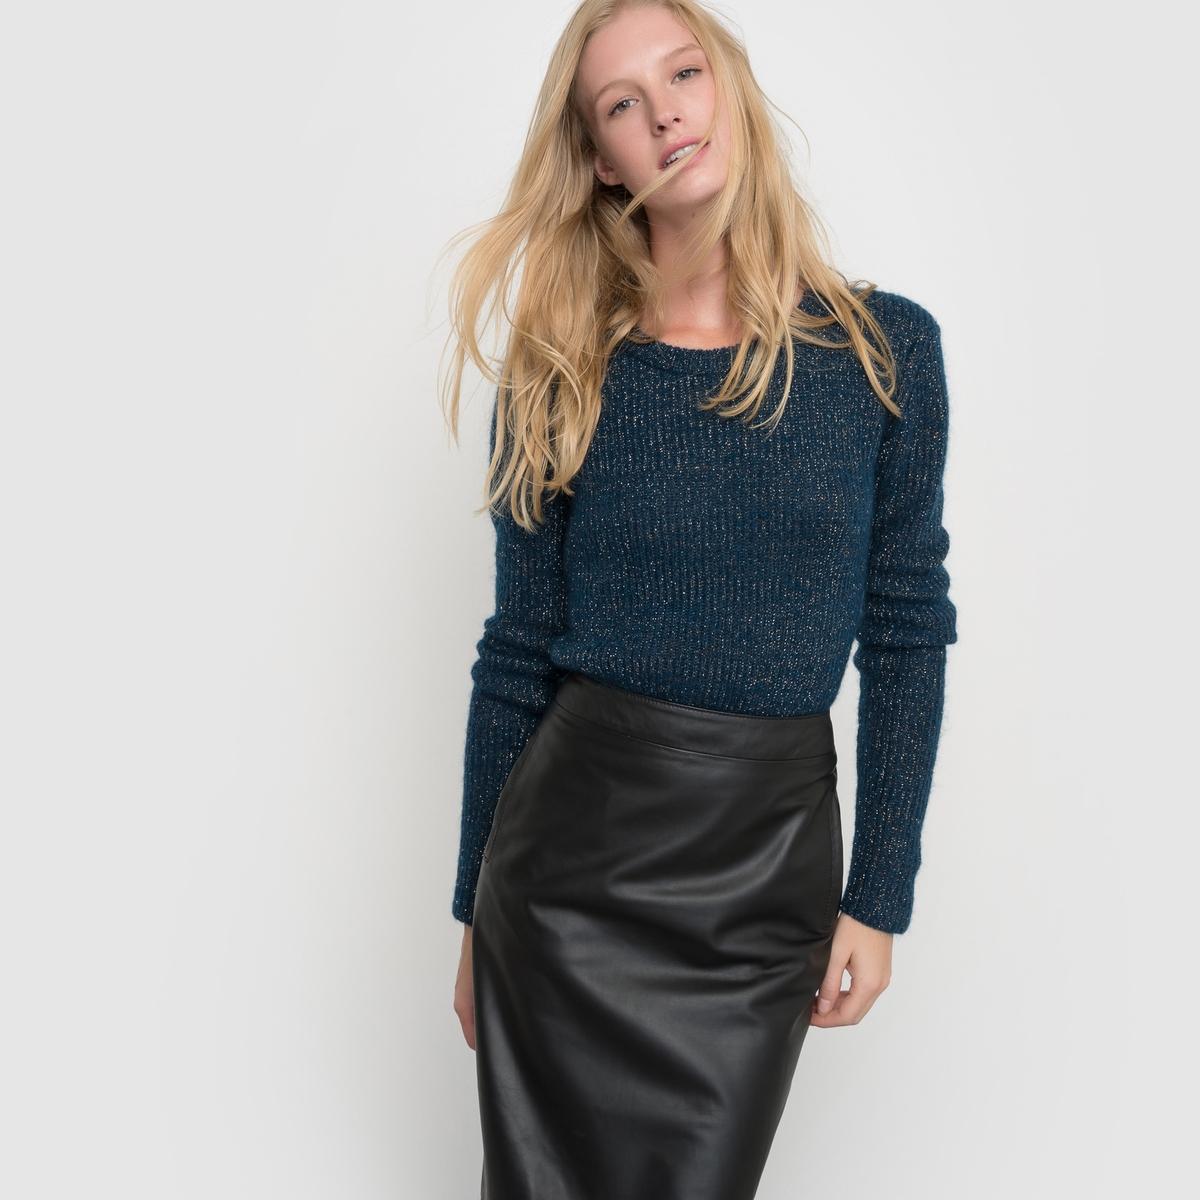 Пуловер в рубчик, с длинными рукавами и круглым вырезомПуловер с длинными рукавами atelier R. Пуловер в рубчик с отделкой металлизированными волокнами. Отделка выреза в рубчик. Грубая отделка низа и манжет.Состав и описание:Длина: 65 смМатериал: 39% полиамида, 30% шерсти, 21% мохера, 7% полиэстера, 3% металлизированных волокон Марка: atelier RУход- Ручная стирка.Сразу после стирки расправить- Сушить в расправленном виде.Гладить при умеренной температуре<br><br>Цвет: серый меланж<br>Размер: 34/36 (FR) - 40/42 (RUS).42/44 (FR) - 48/50 (RUS).38/40 (FR) - 44/46 (RUS)